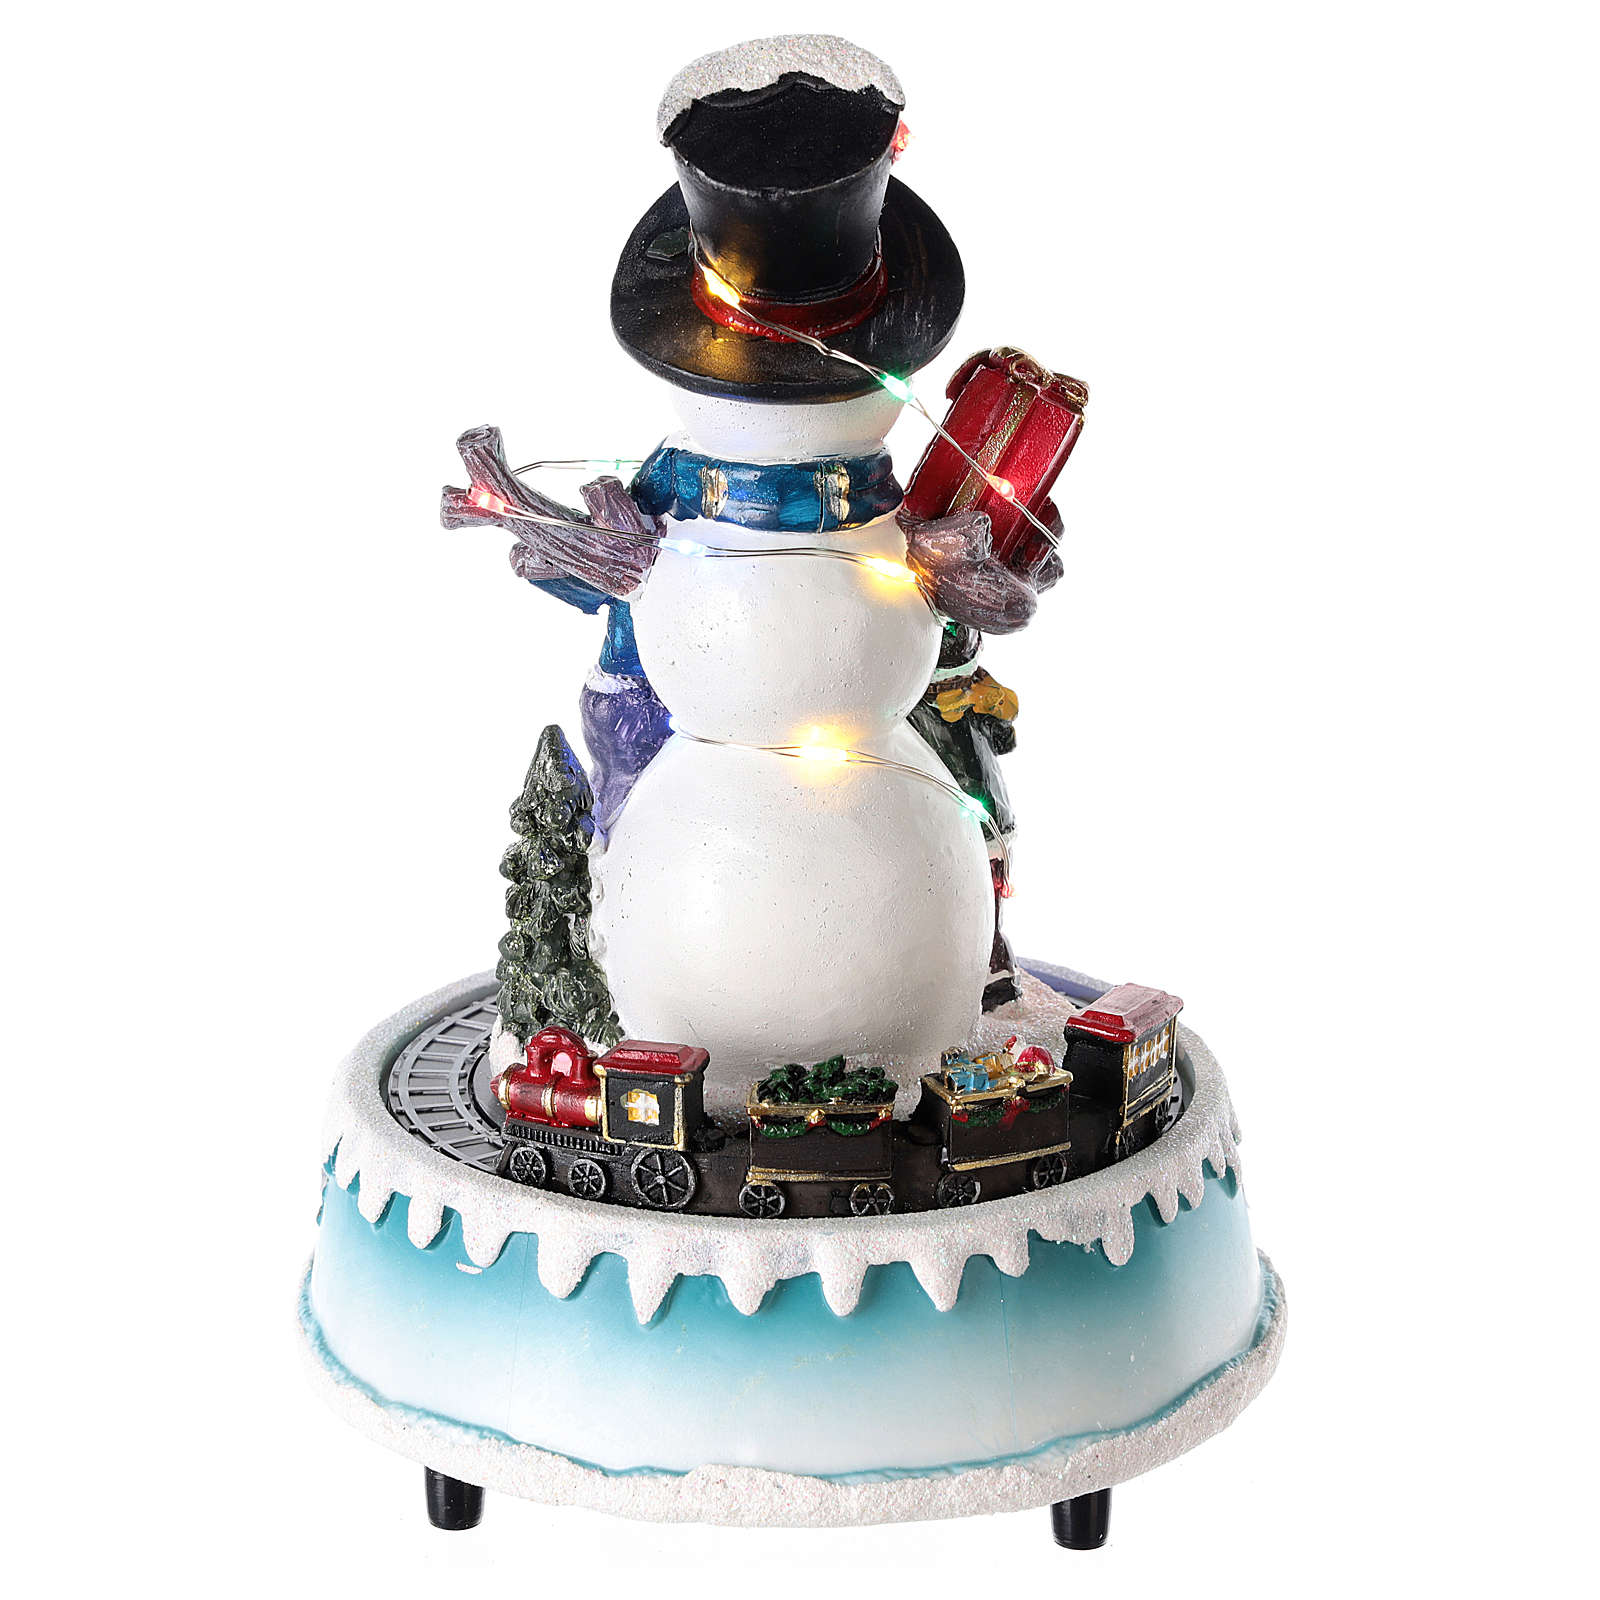 Bonhomme de neige avec cadeaux 15x20 cm 3